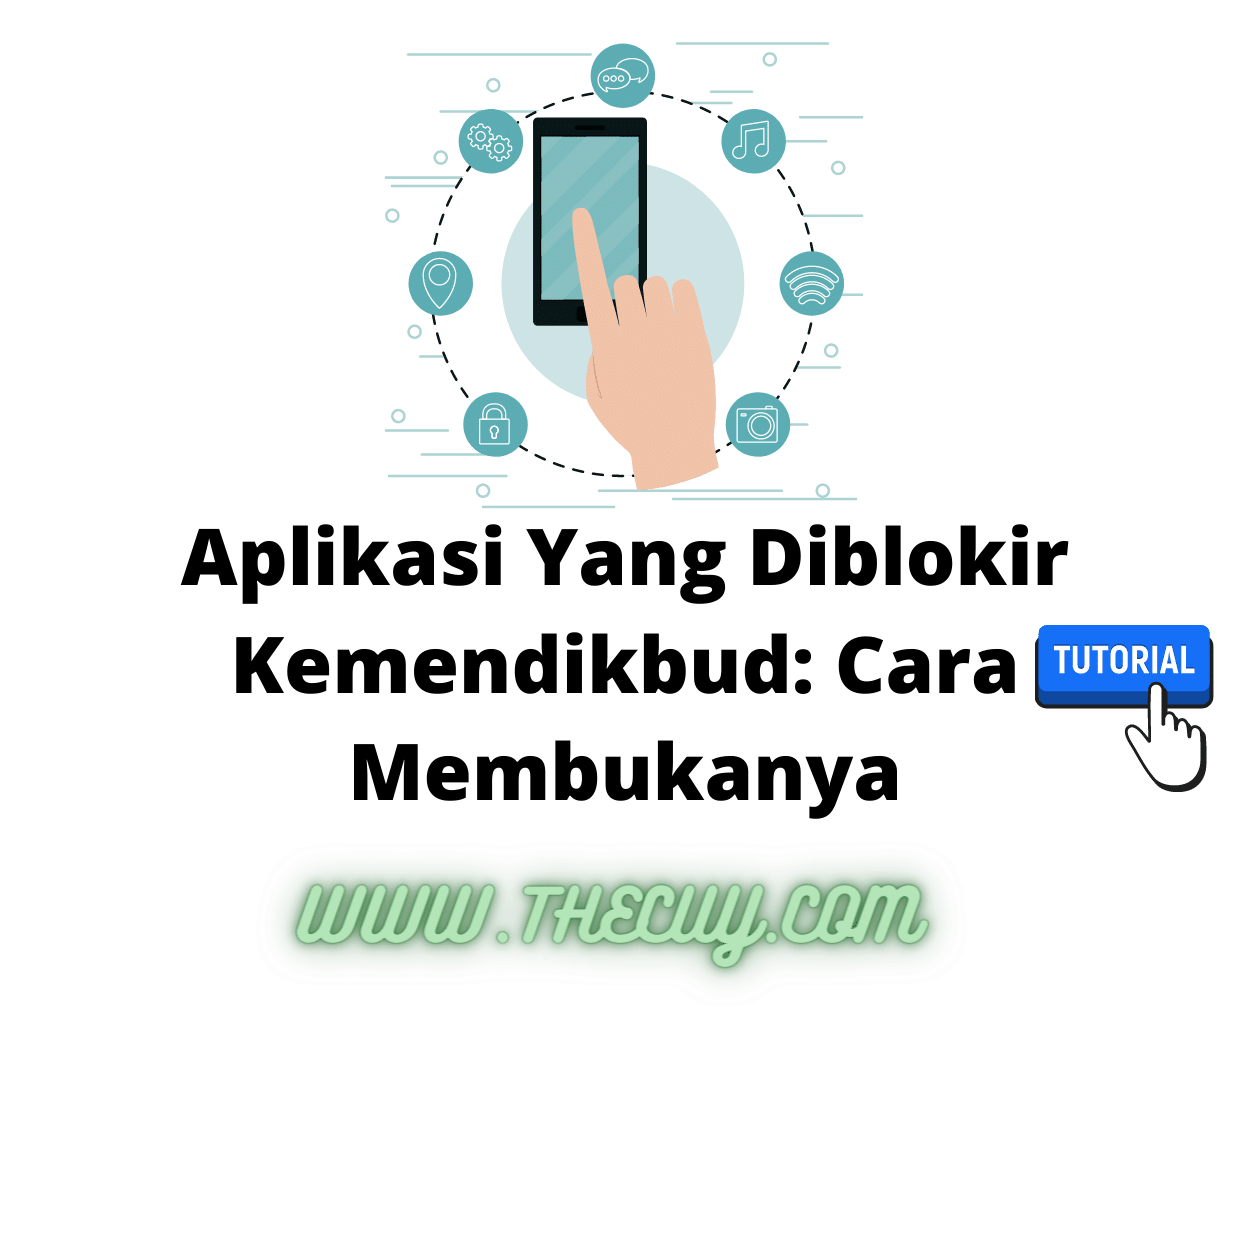 Aplikasi Yang Diblokir Kemendikbud: Cara Membukanya